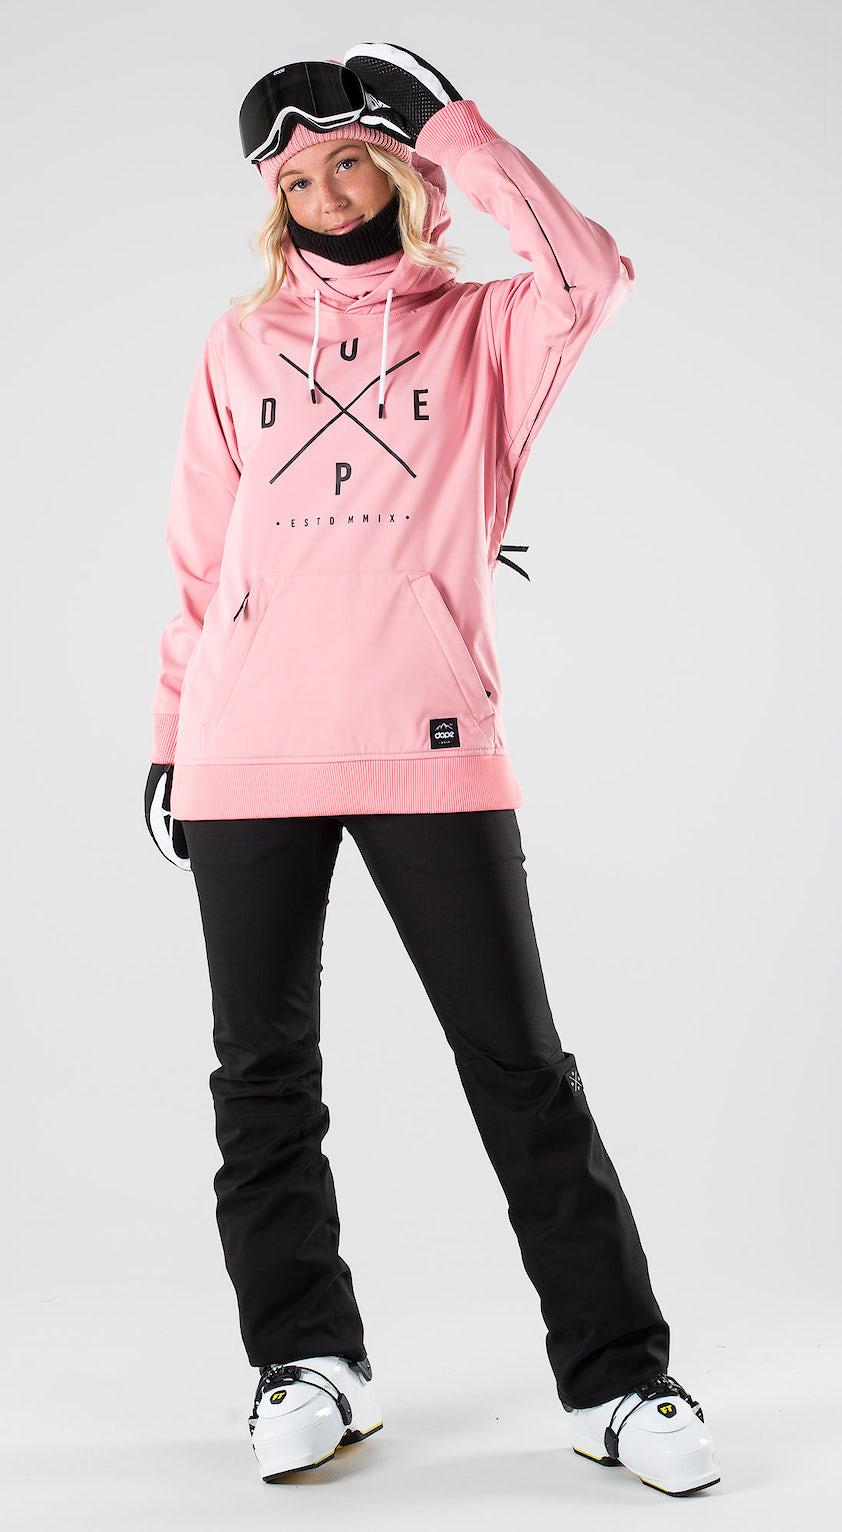 buy popular 89c6e 165a3 Abbigliamento Sci Donna   Spedizione Gratuita   RIDESTORE